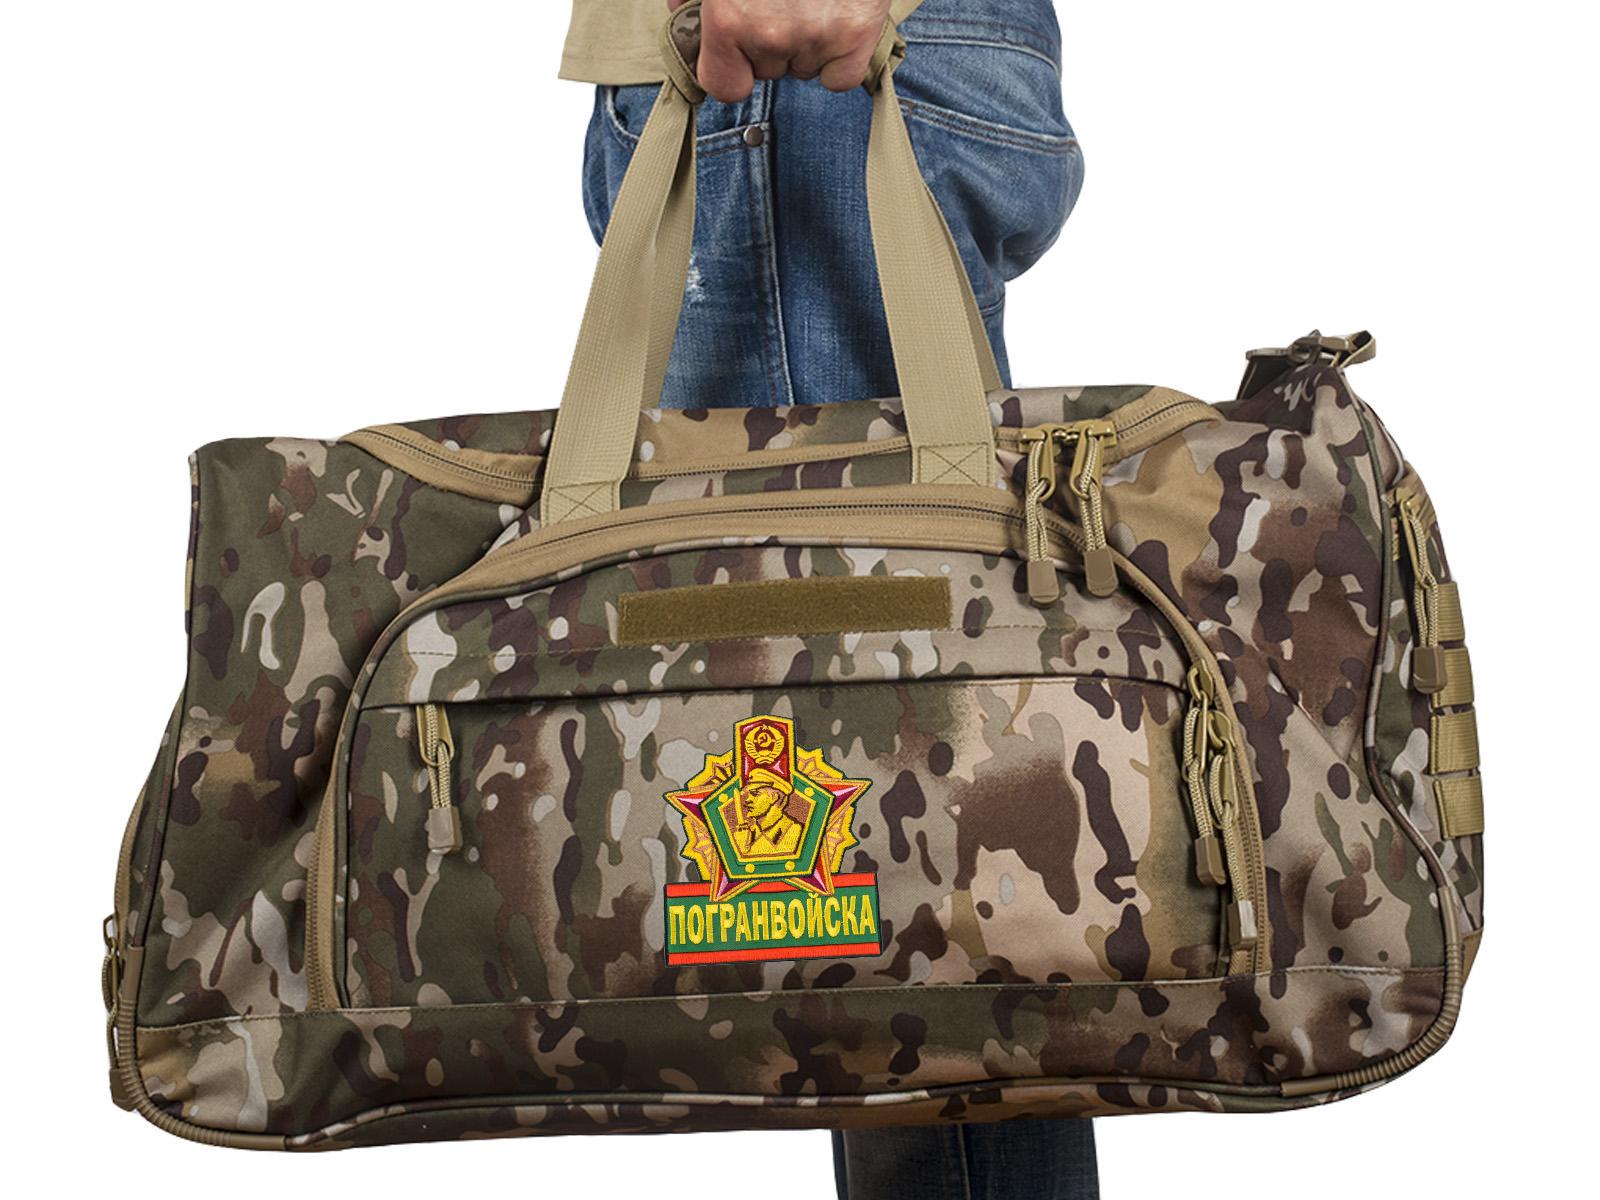 Купить камуфляжную тревожную сумку 08032B Multicam Погранвойска по специальной цене